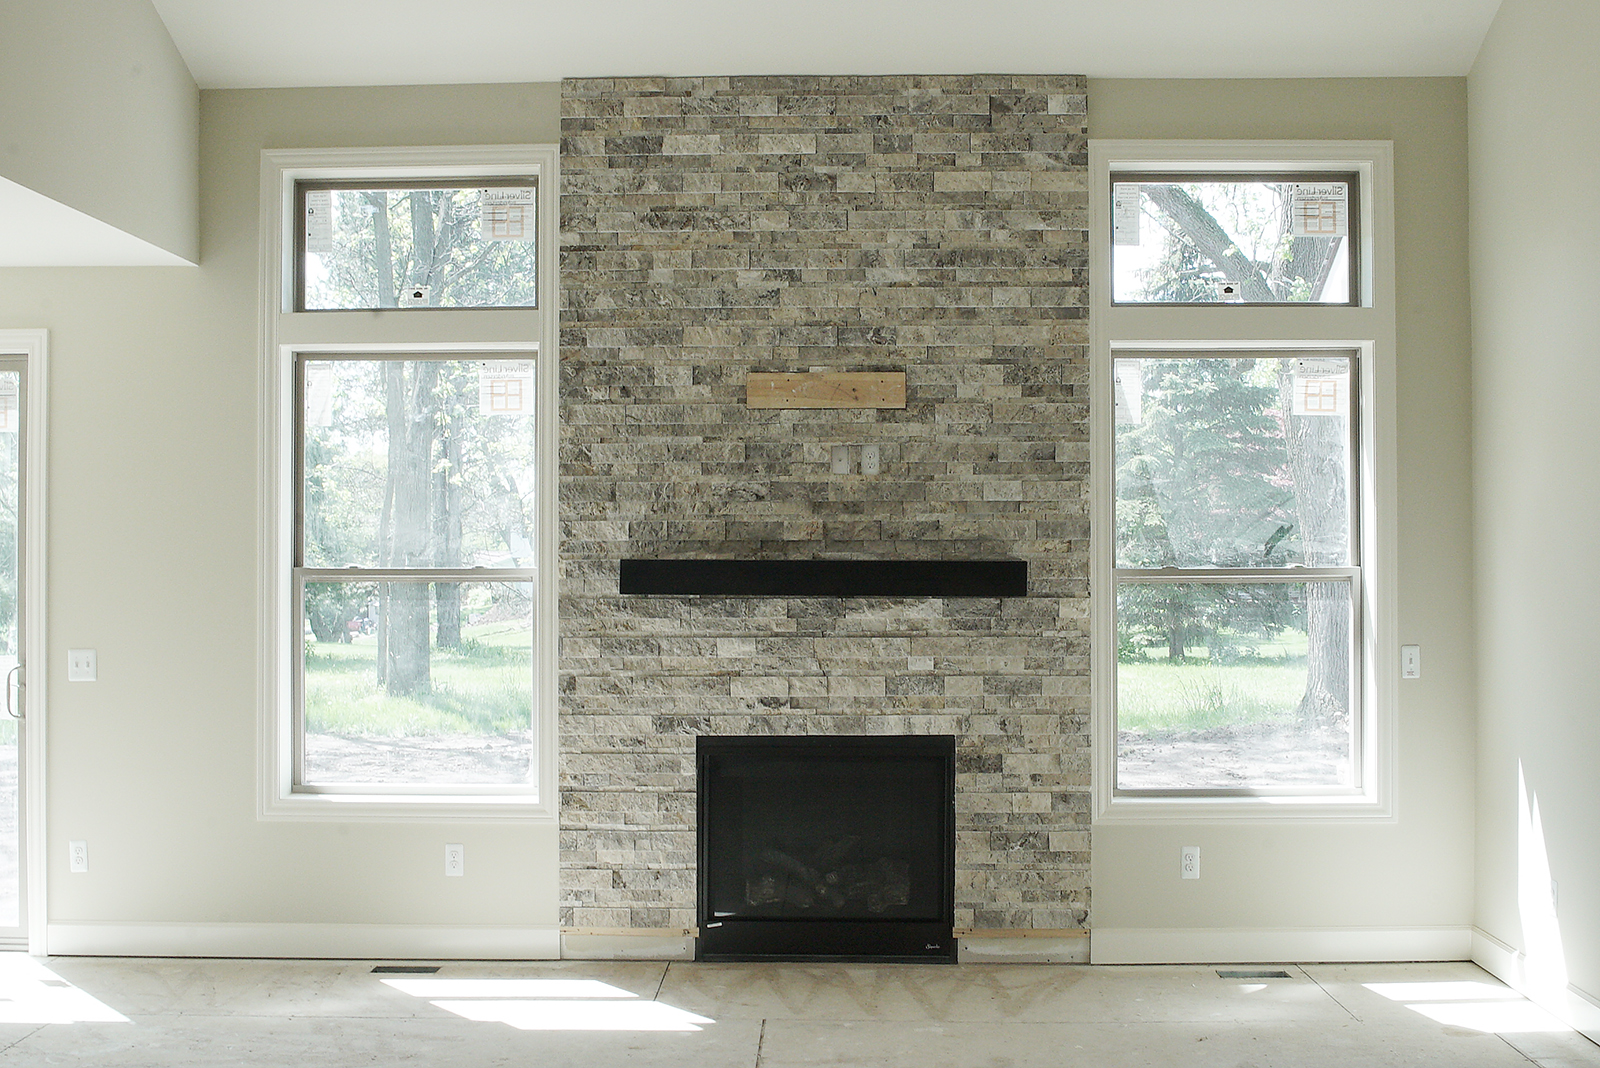 Fireplace_DSC06207.jpg